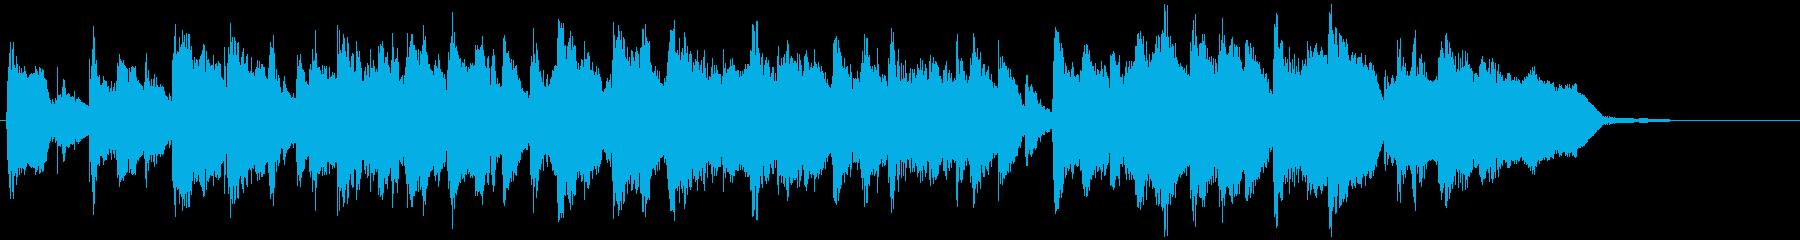 フルートとブラスのほのぼのラテンジングルの再生済みの波形